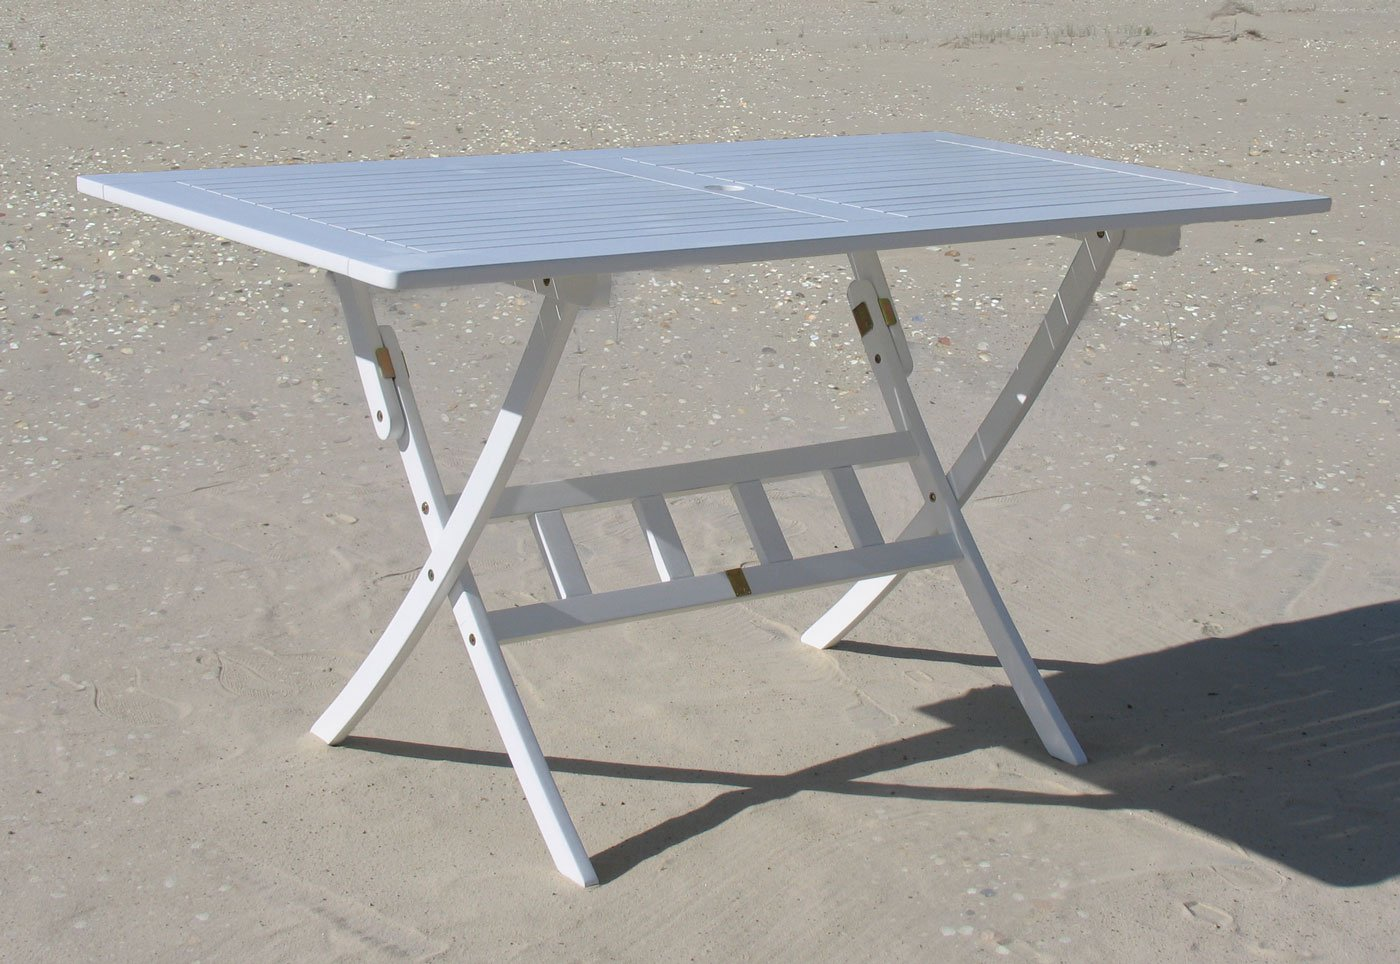 Gartenklapptisch 140x80cm Klapptisch Tisch Santos Weiss